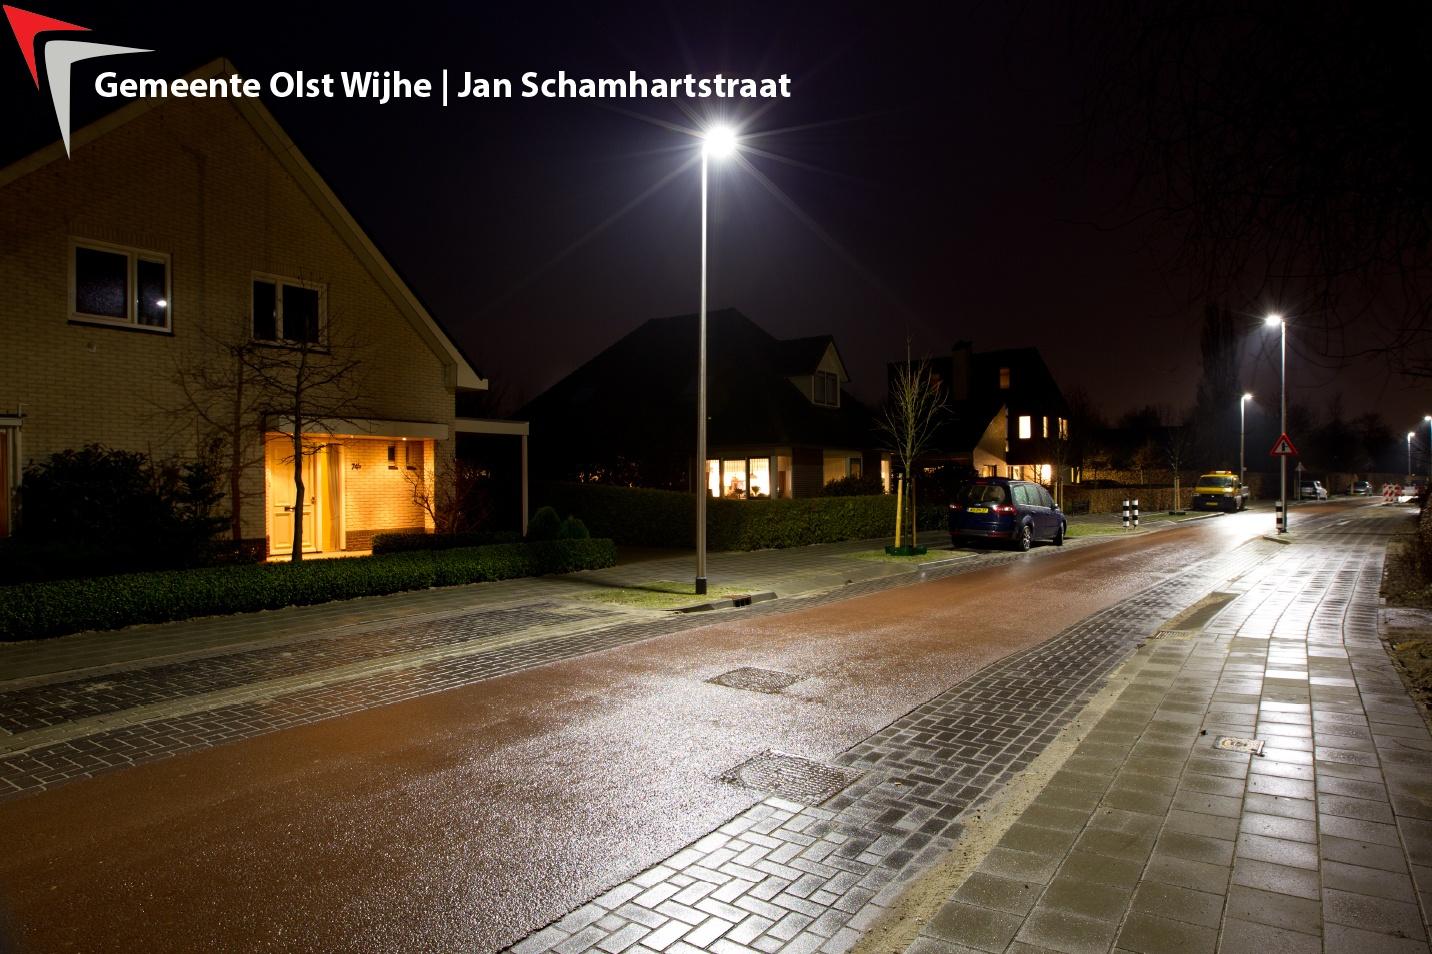 Gemeente Olst-Wijhe Jan Schamhartstraat